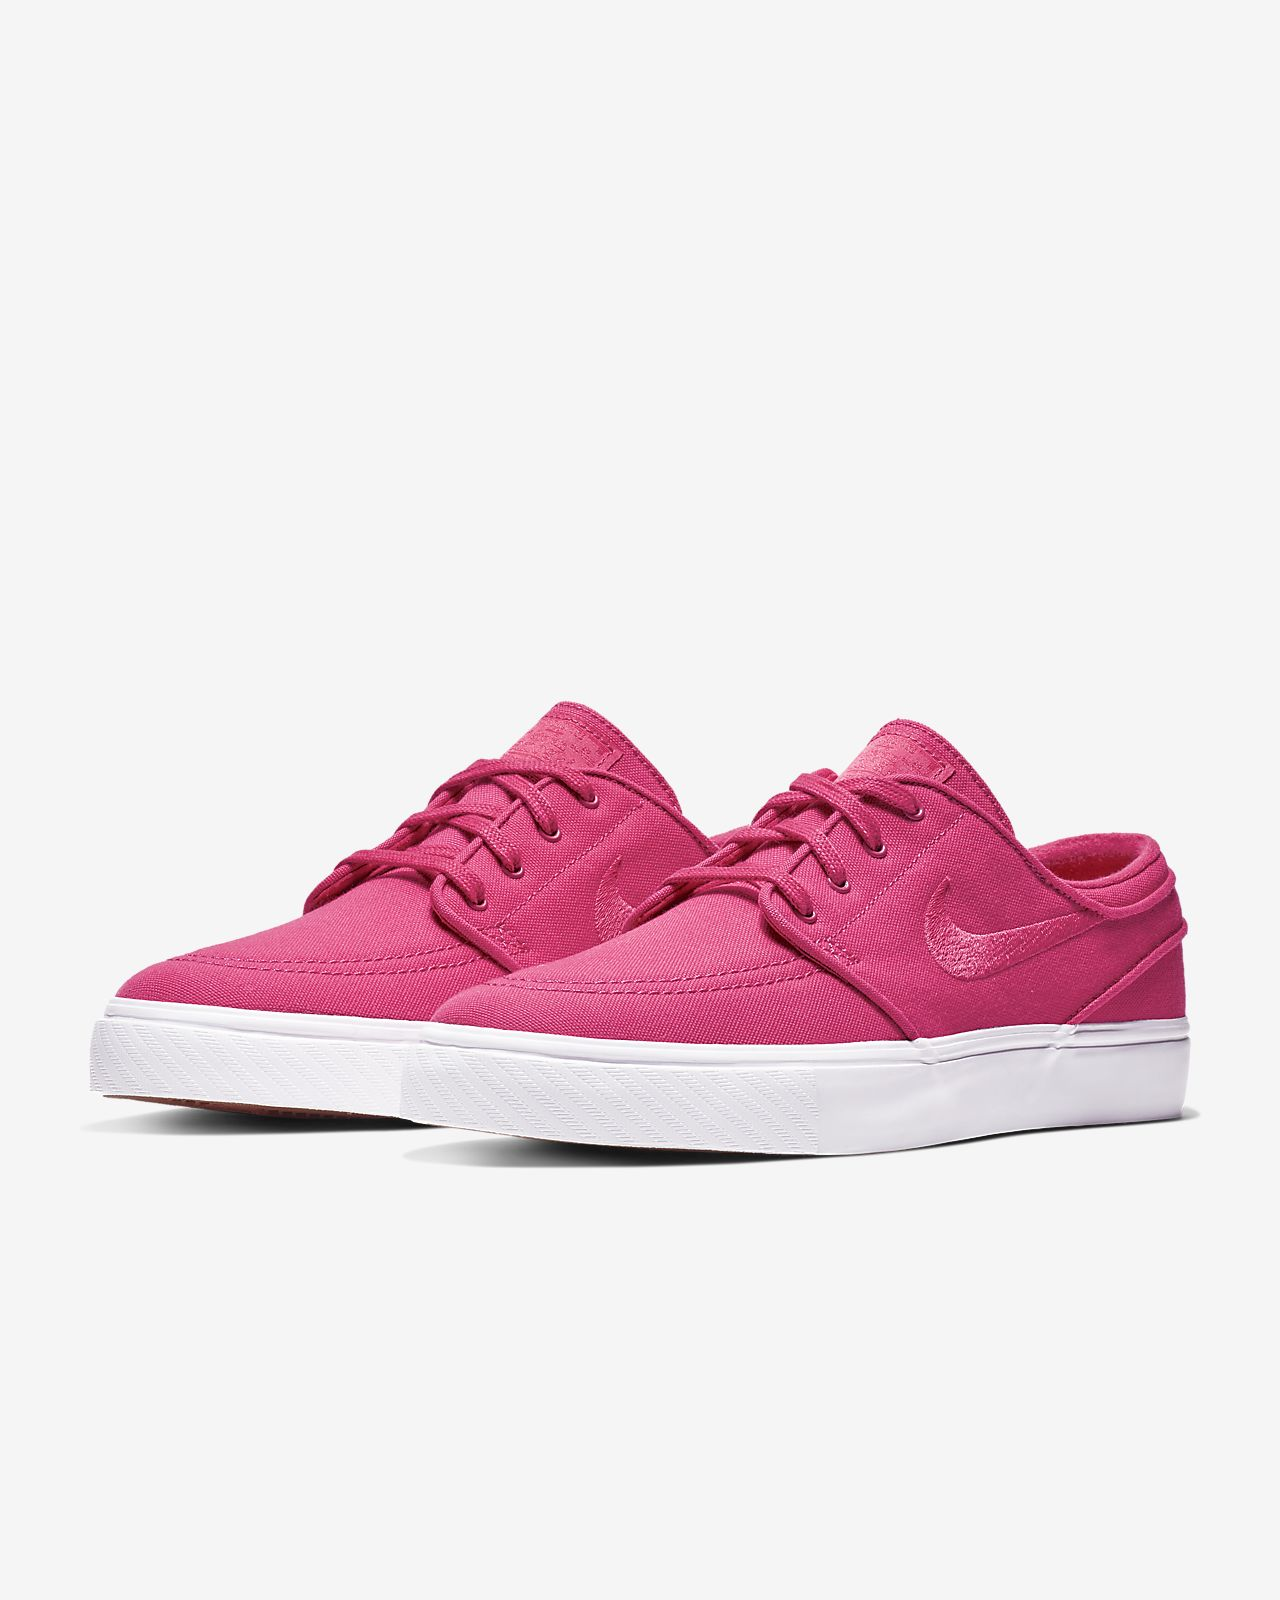 wholesale dealer 6e8c2 9e9d2 ... Chaussure de skateboard Nike SB Zoom Stefan Janoski Canvas pour Homme. Low  Resolution ...